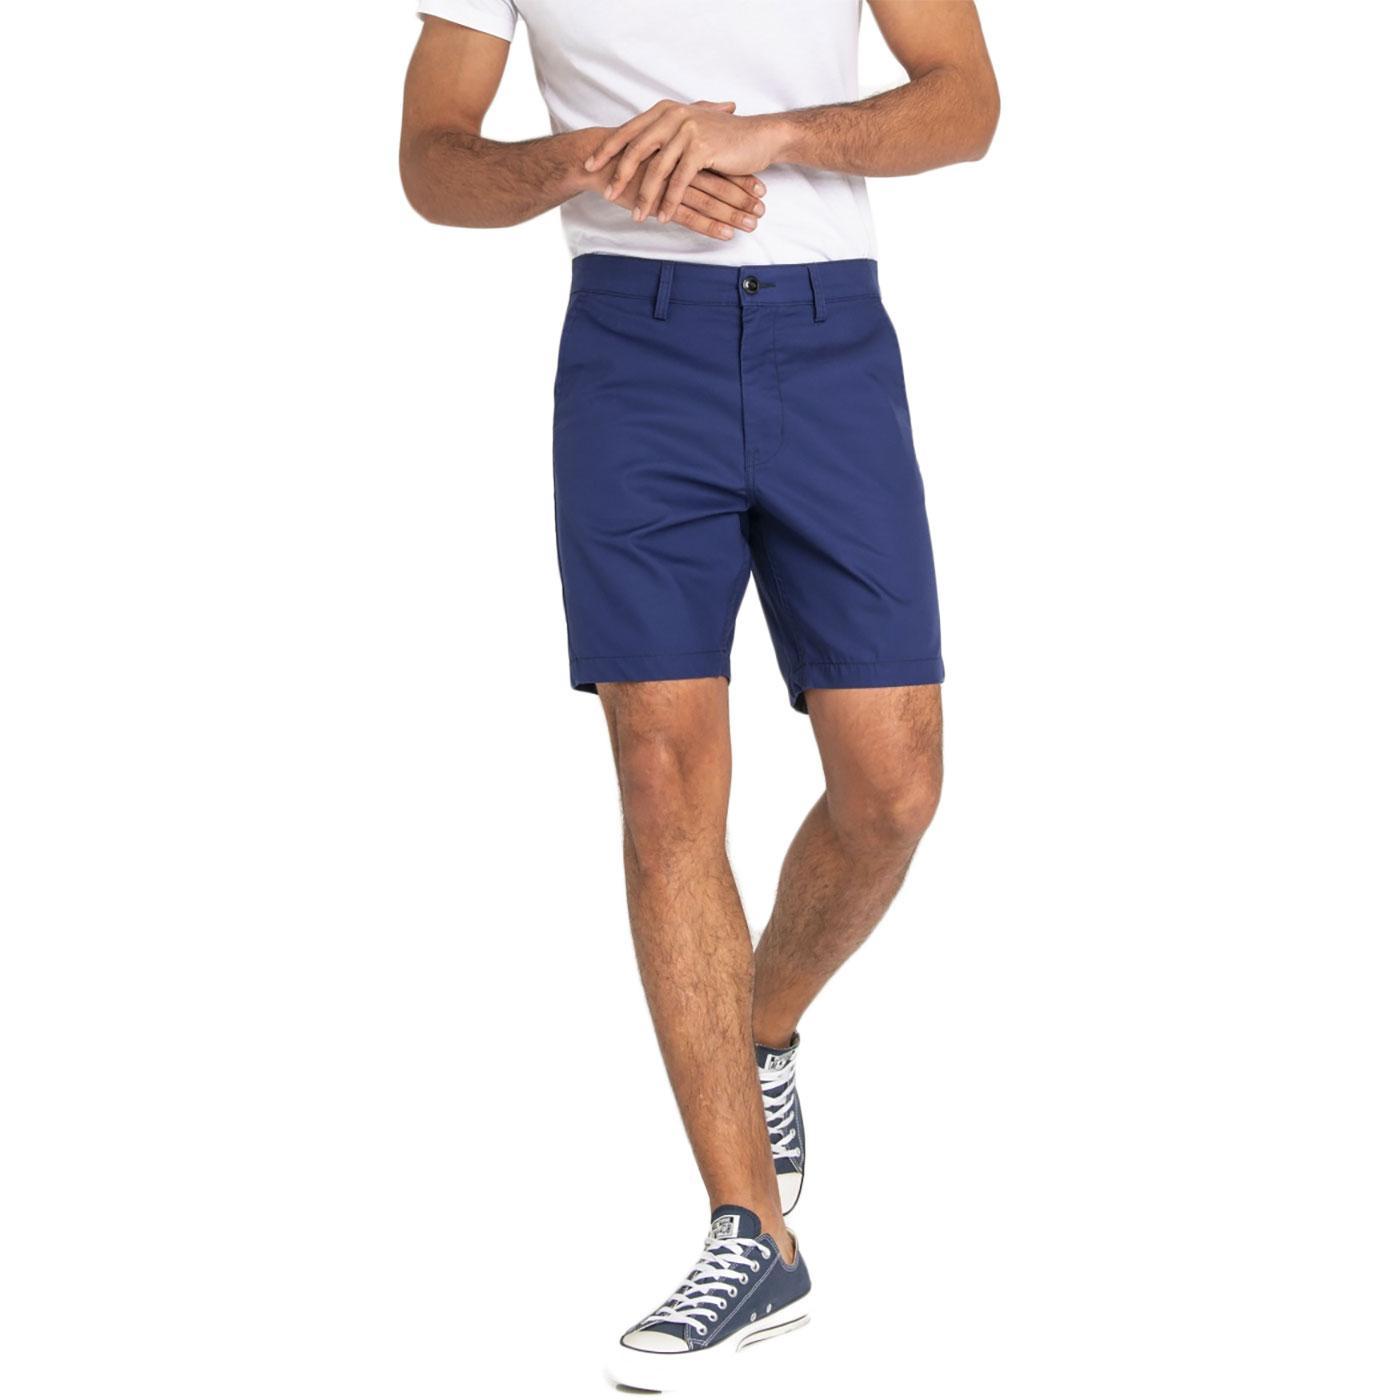 LEE Men's Retro Slim Chino Shorts (French Navy)